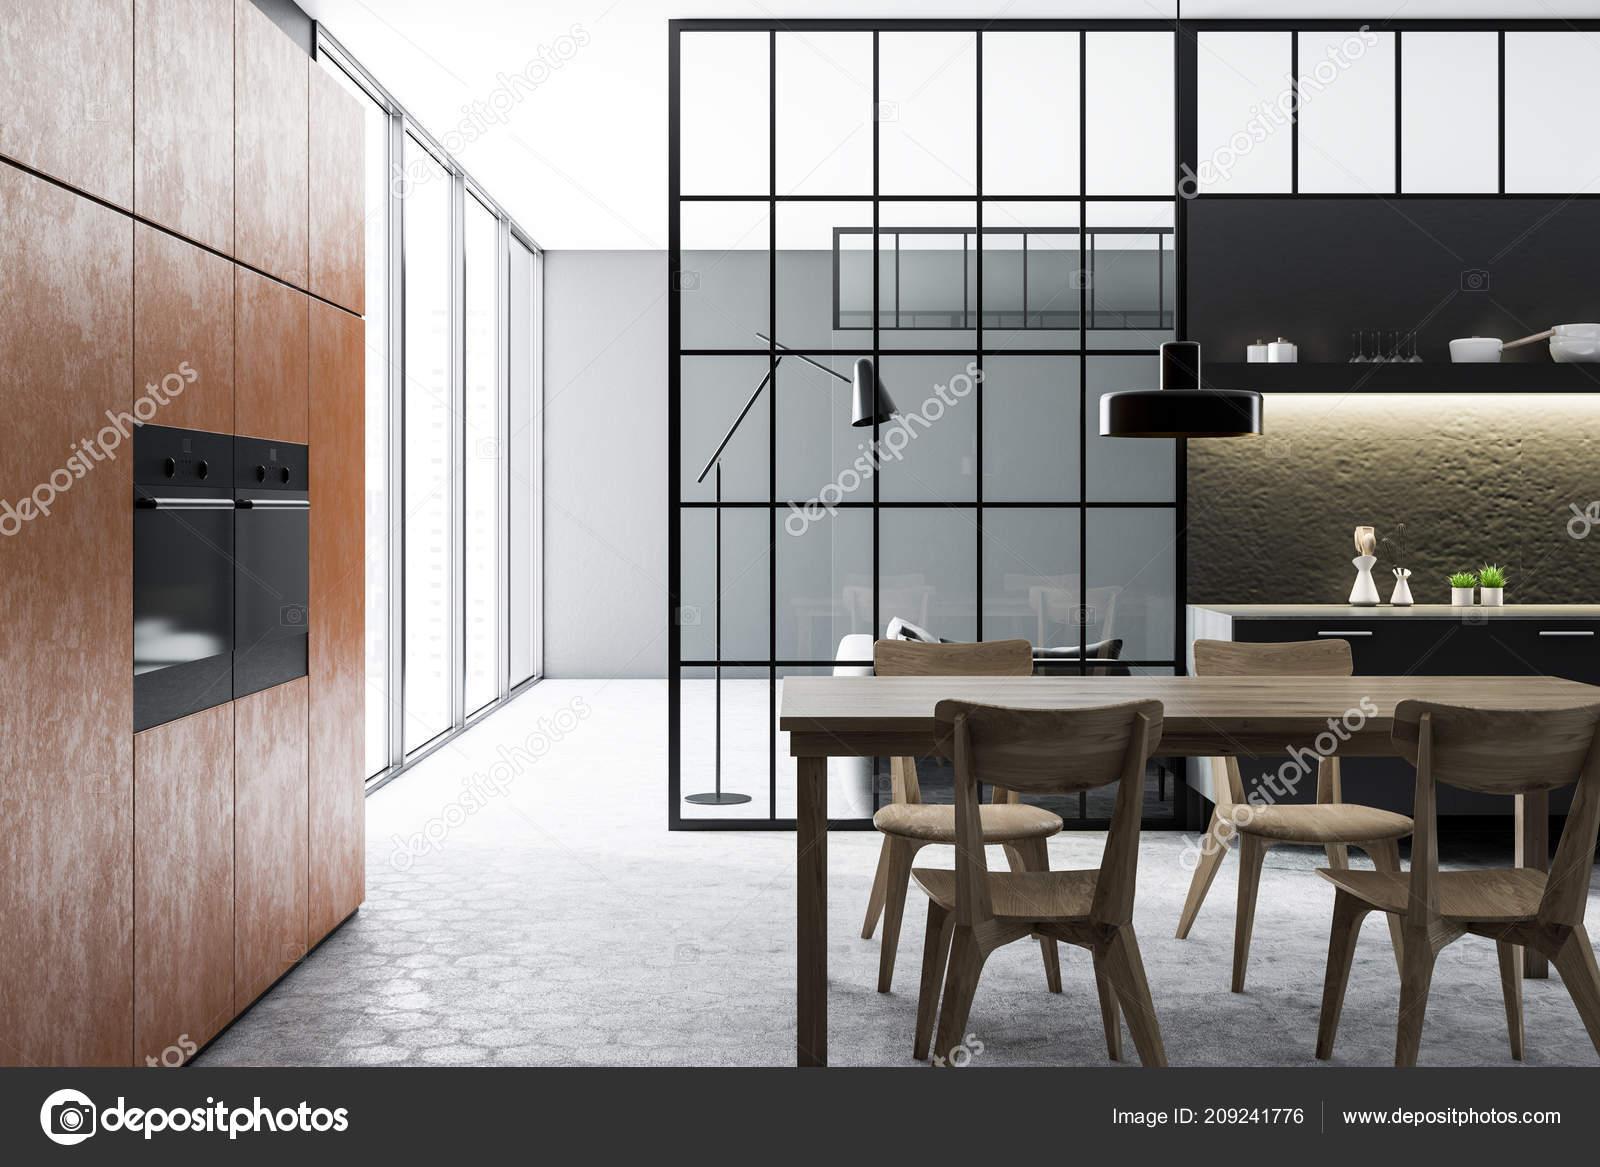 Nero Muro Cemento Cucina Sala Pranzo Interna Con Pavimento ...